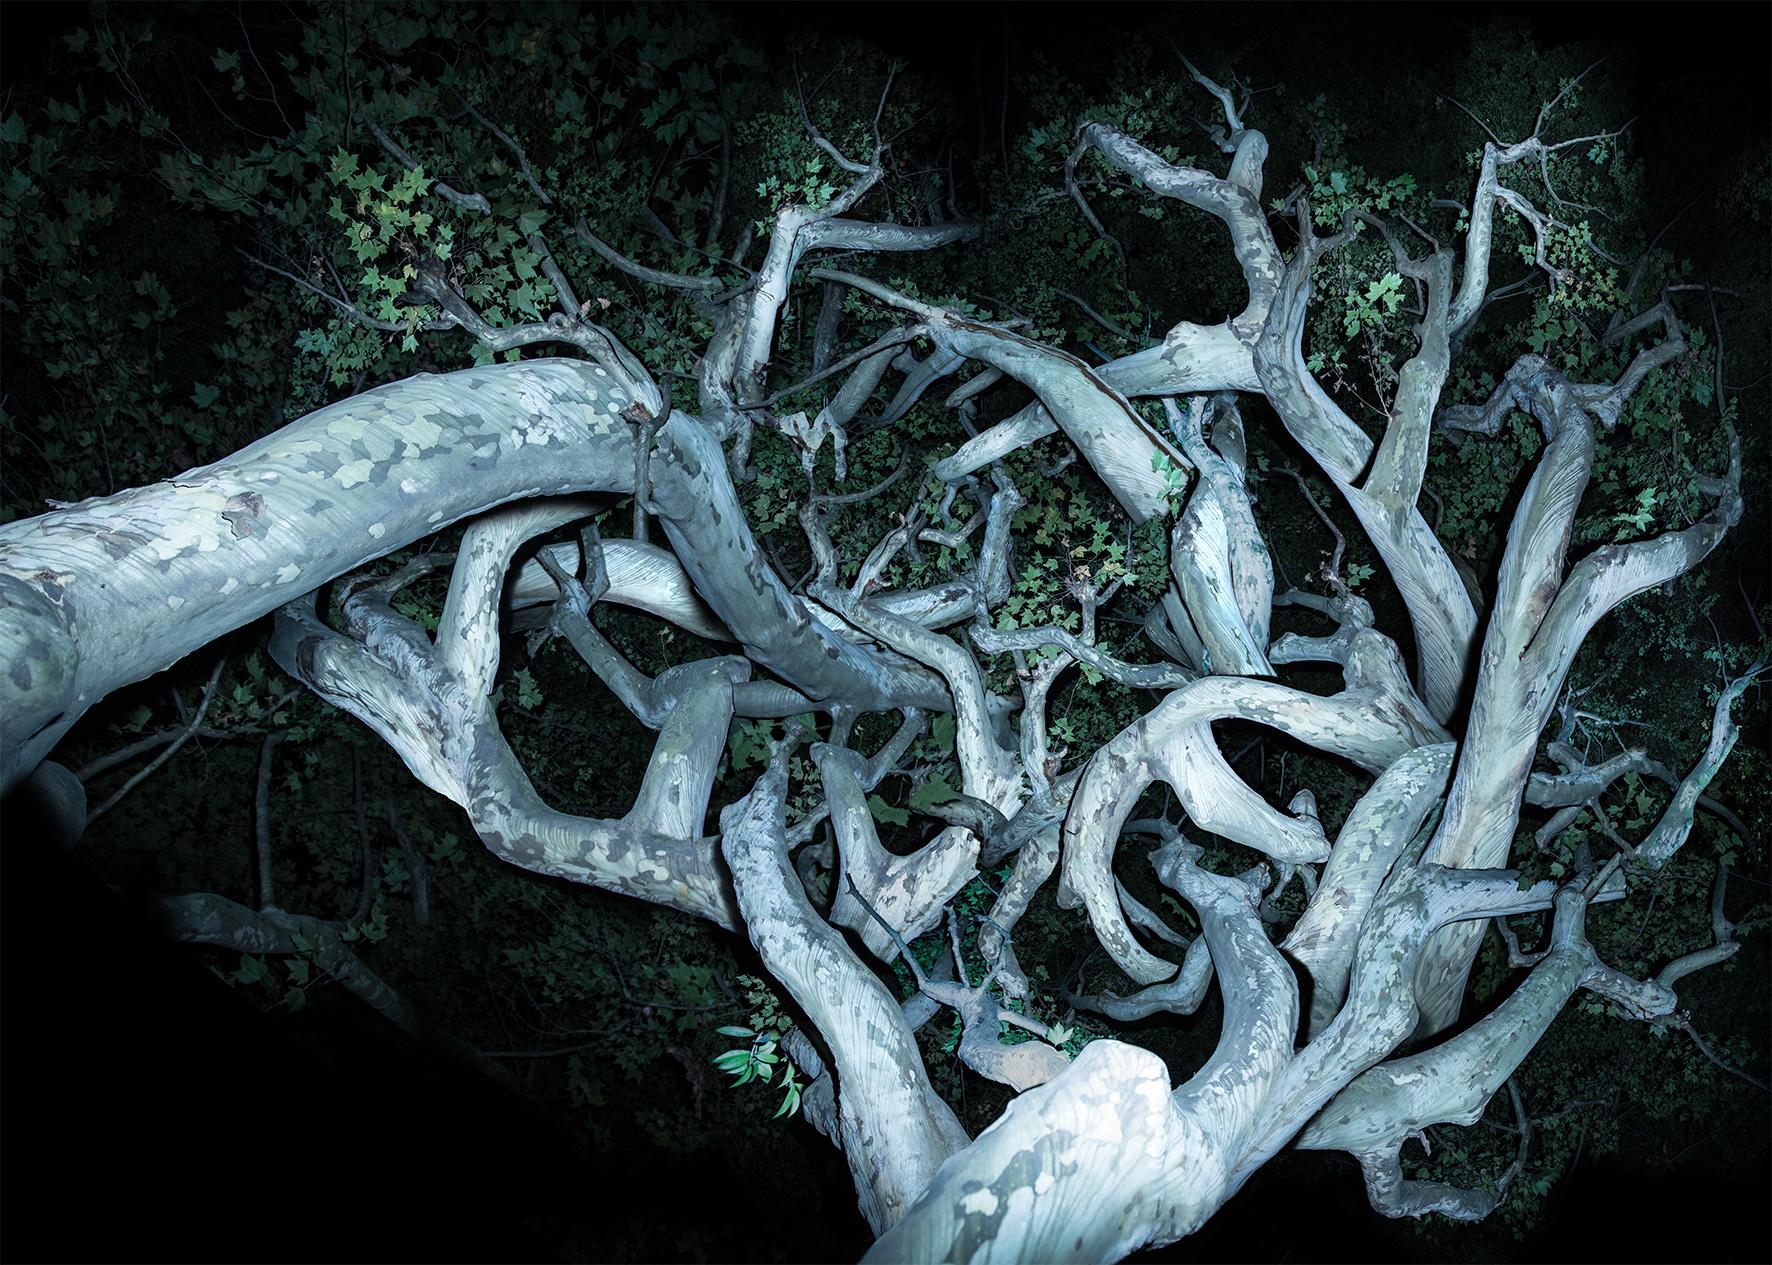 树-3-The-Tree-No.3--艺术微喷-Ultra-Giclee--160-x-224-cm--2017.jpg